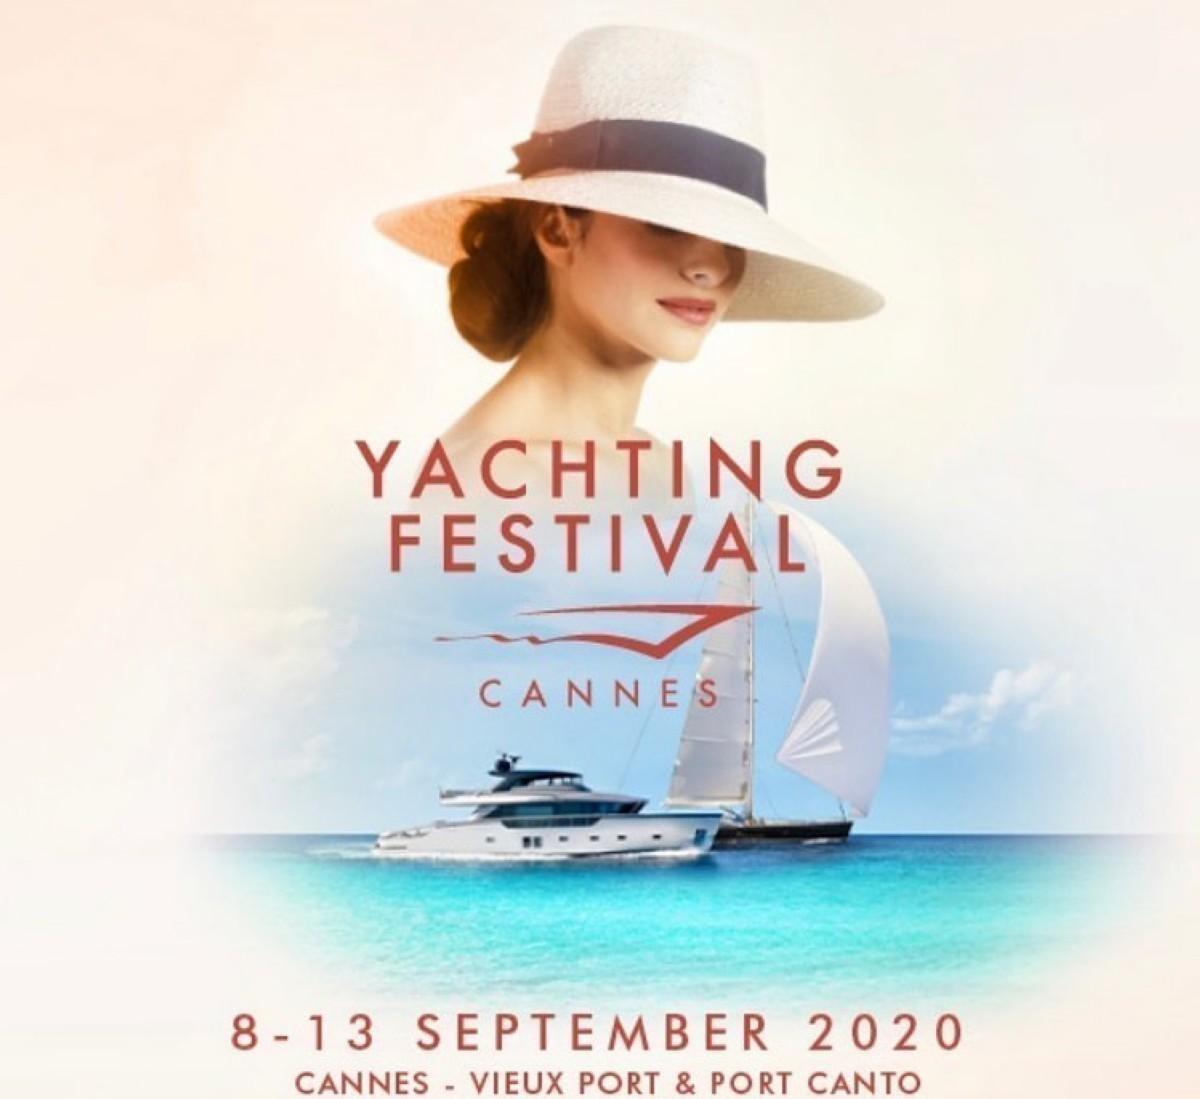 El Yachting Festival en la bahia de Cannes